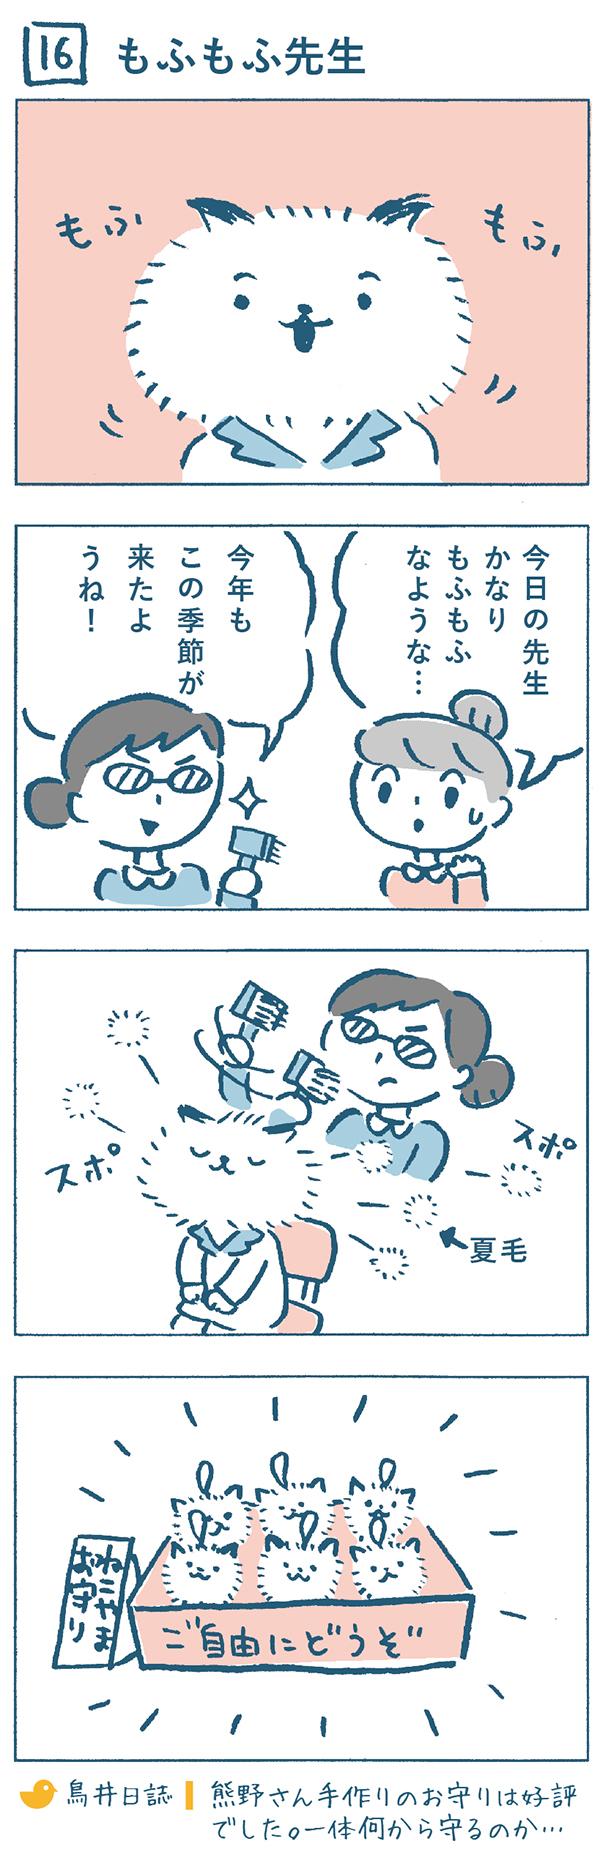 タイトル:もふもふ先生。なんだか毛がとてももふもふのねこやま先生。奈央子は、「今日の先生かなりもふもふなような…」と困惑気味です。熊野さんはメガネを光らせ、「今年もこの季節が来たようね!」とブラシを取り出しました。椅子に座ったねこやま先生を手際よくブラッシングし、スポスポと夏毛をとっていきます。先生は目を閉じて気持ちよさそうにしています。そして、処理した夏毛は熊野さんの手作りのねこやまお守りに再利用されるのでした。